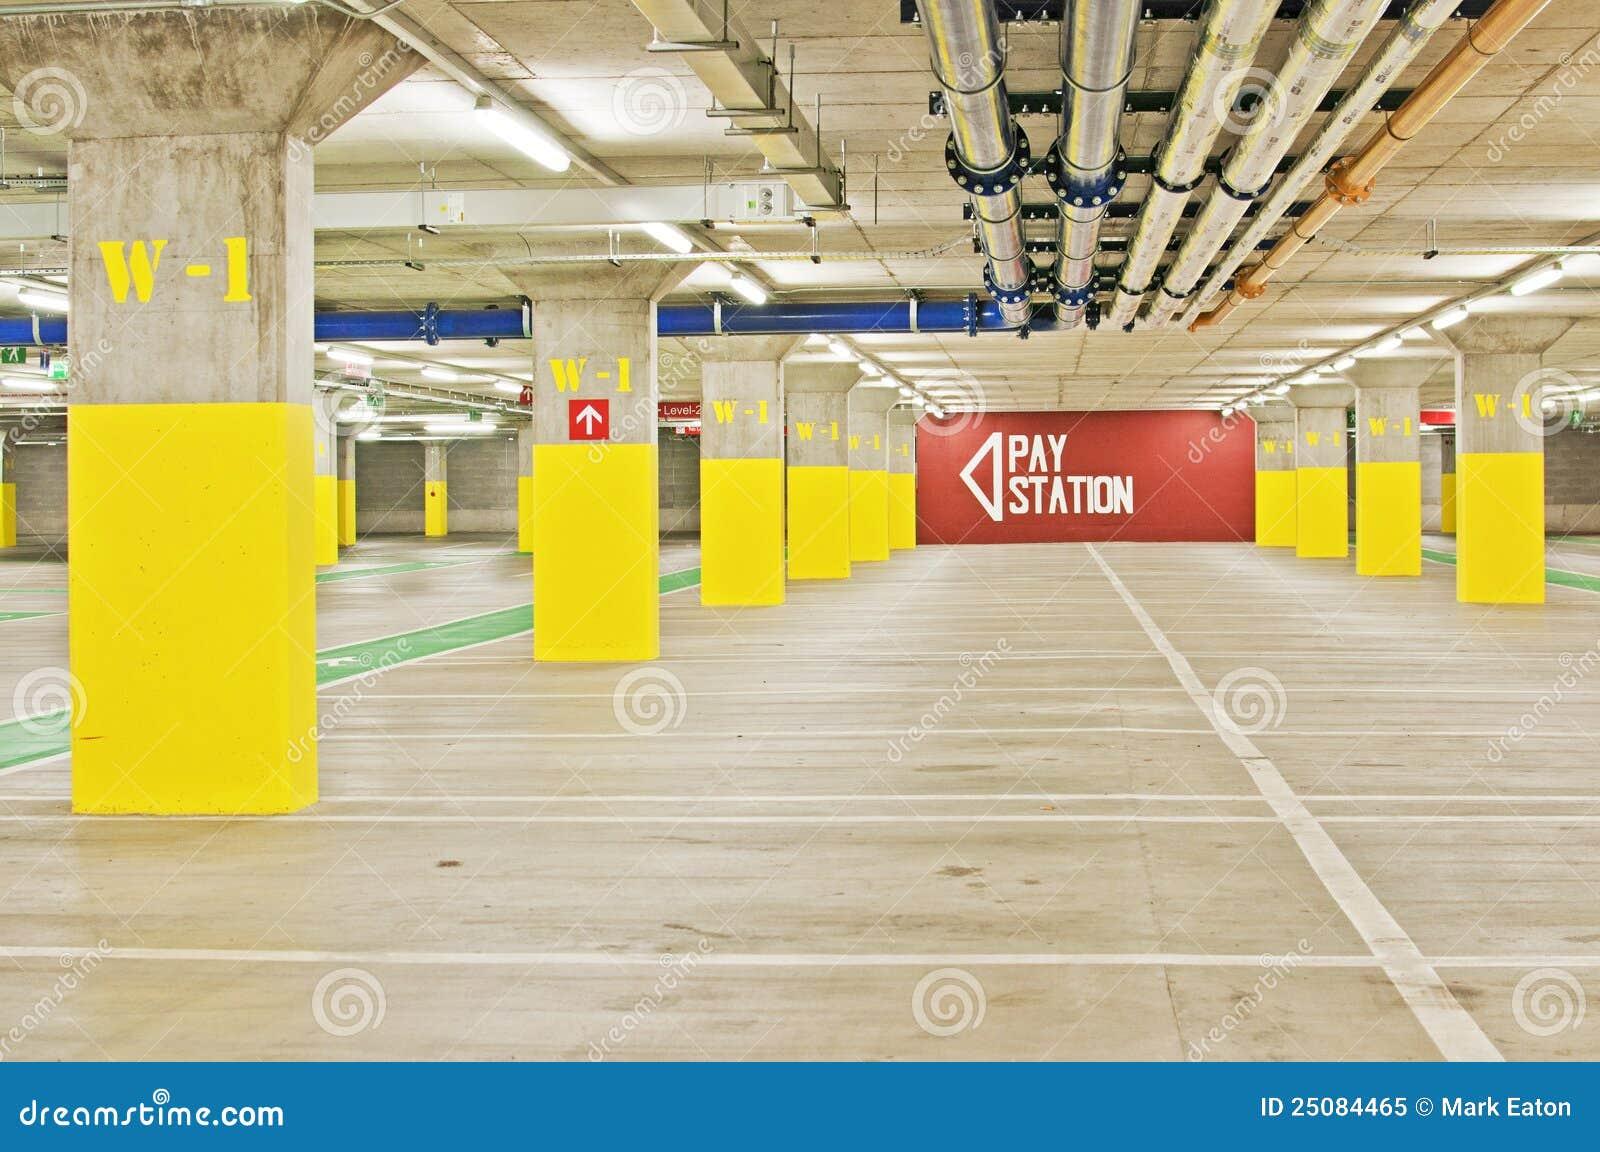 parking souterrain photo libre de droits image 25084465. Black Bedroom Furniture Sets. Home Design Ideas